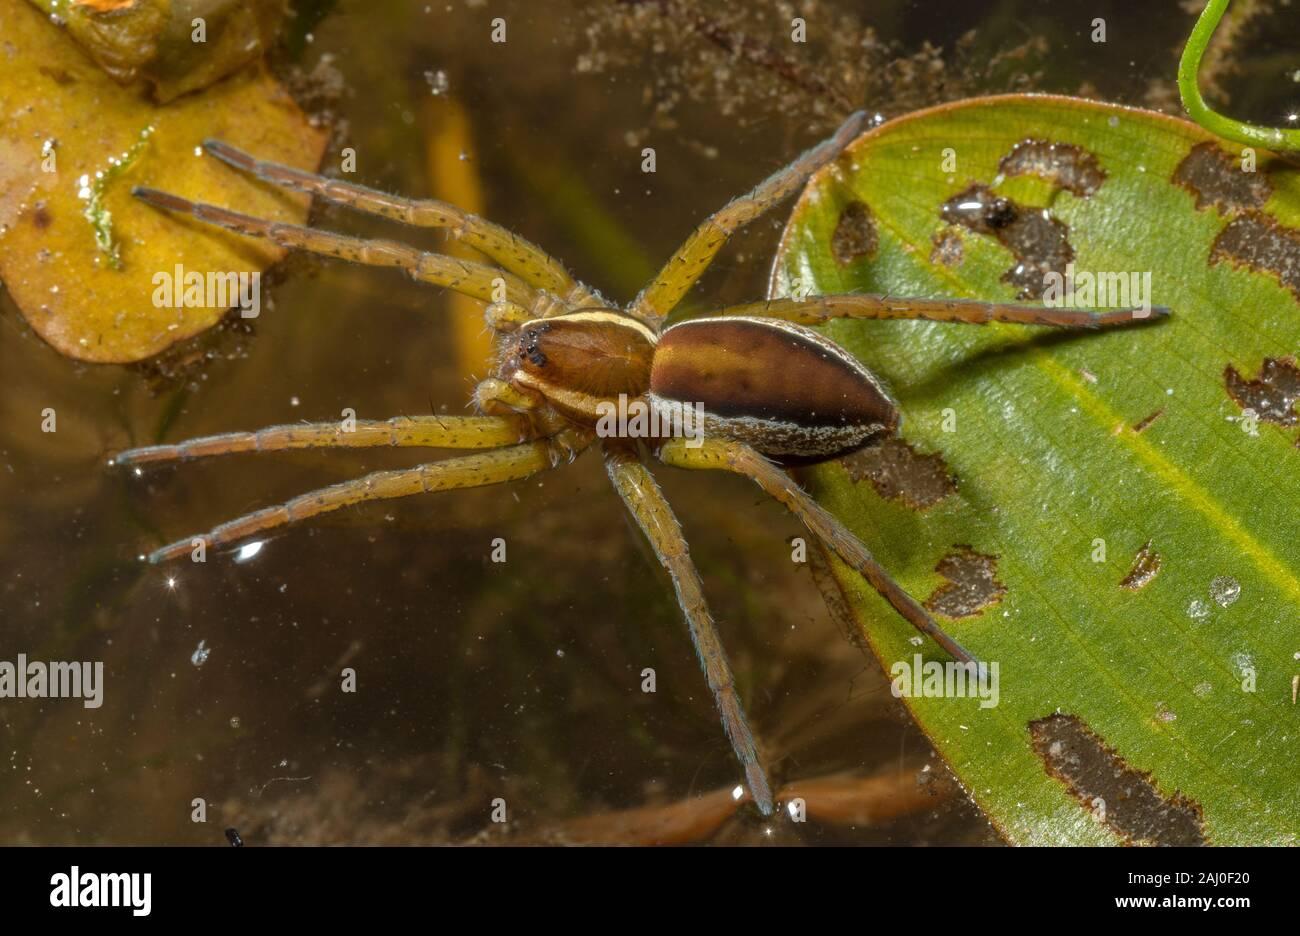 Femme araignée Dolomedes fimbriatus, radeau; une araignée semi-aquatique potamot, assis sur le plomb. Étang, Dorset. Banque D'Images